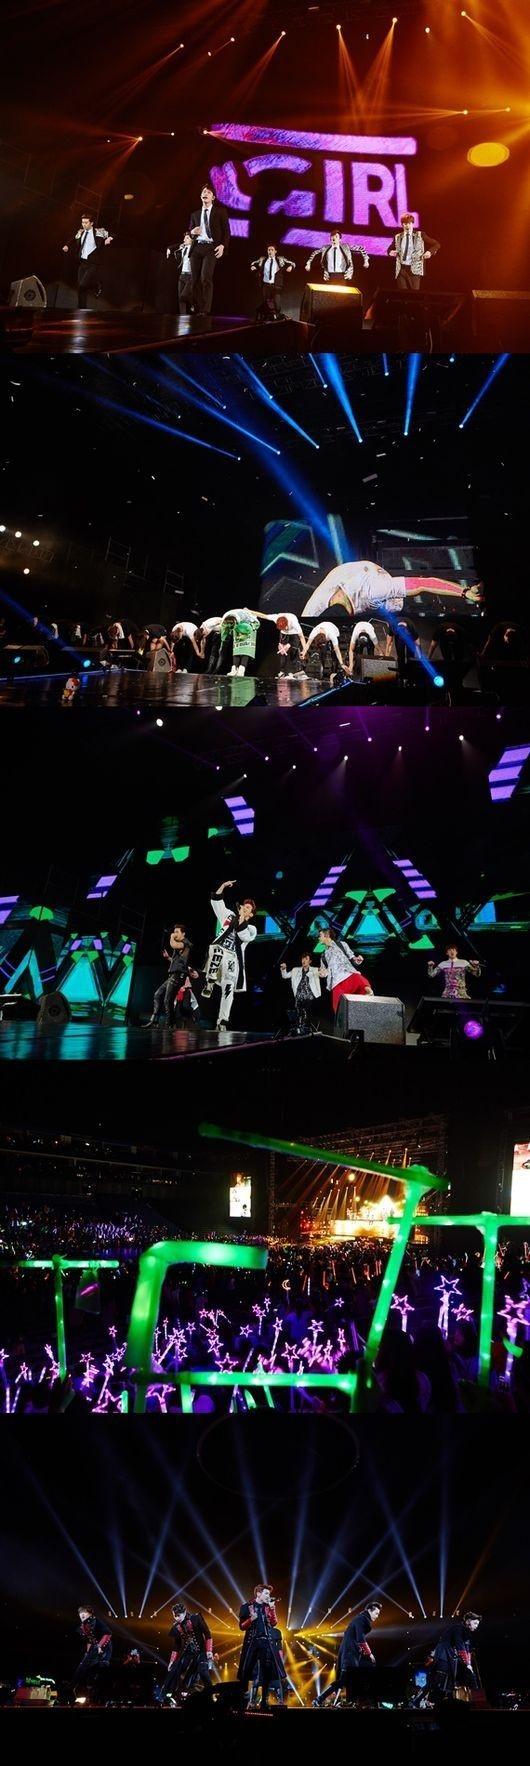 """2PM、上海公演でワールドツアー「GO CRAZY」終了!""""言葉は違っても音楽と情熱で一つになれた"""""""